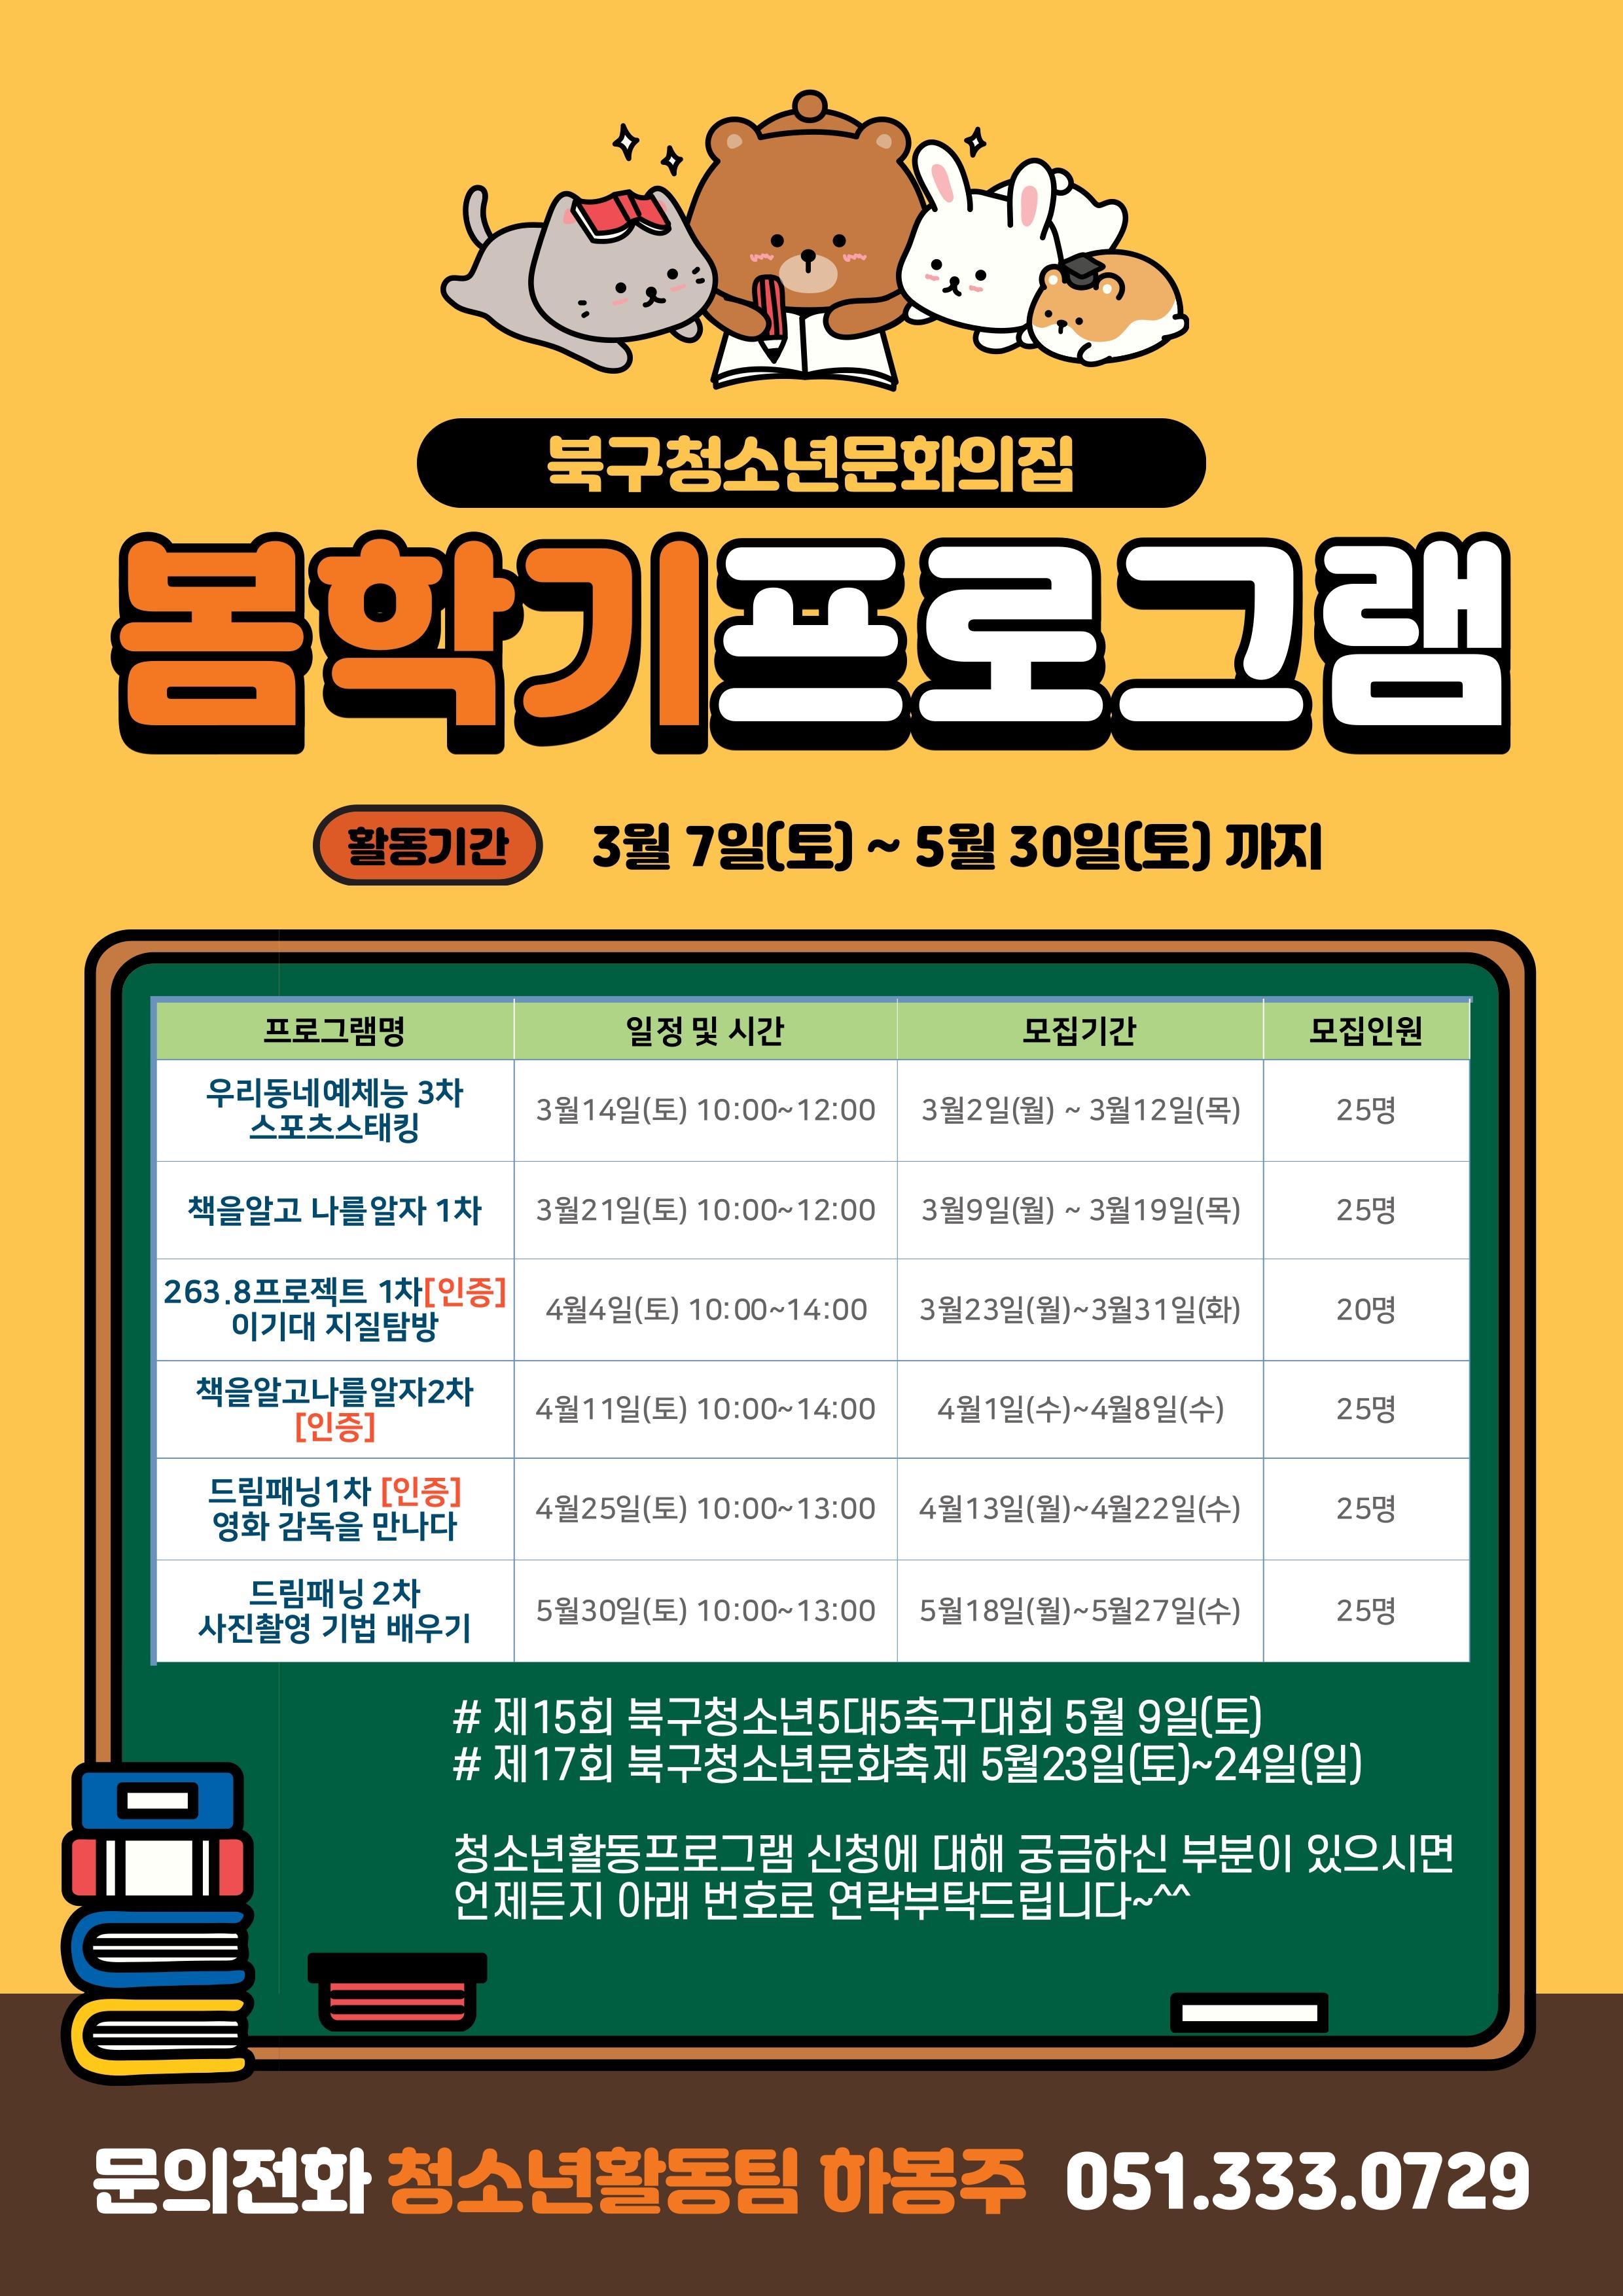 북구청소년문화의집 봄학기 청소년활동 프로그램 모집홍보 포스터.jpg